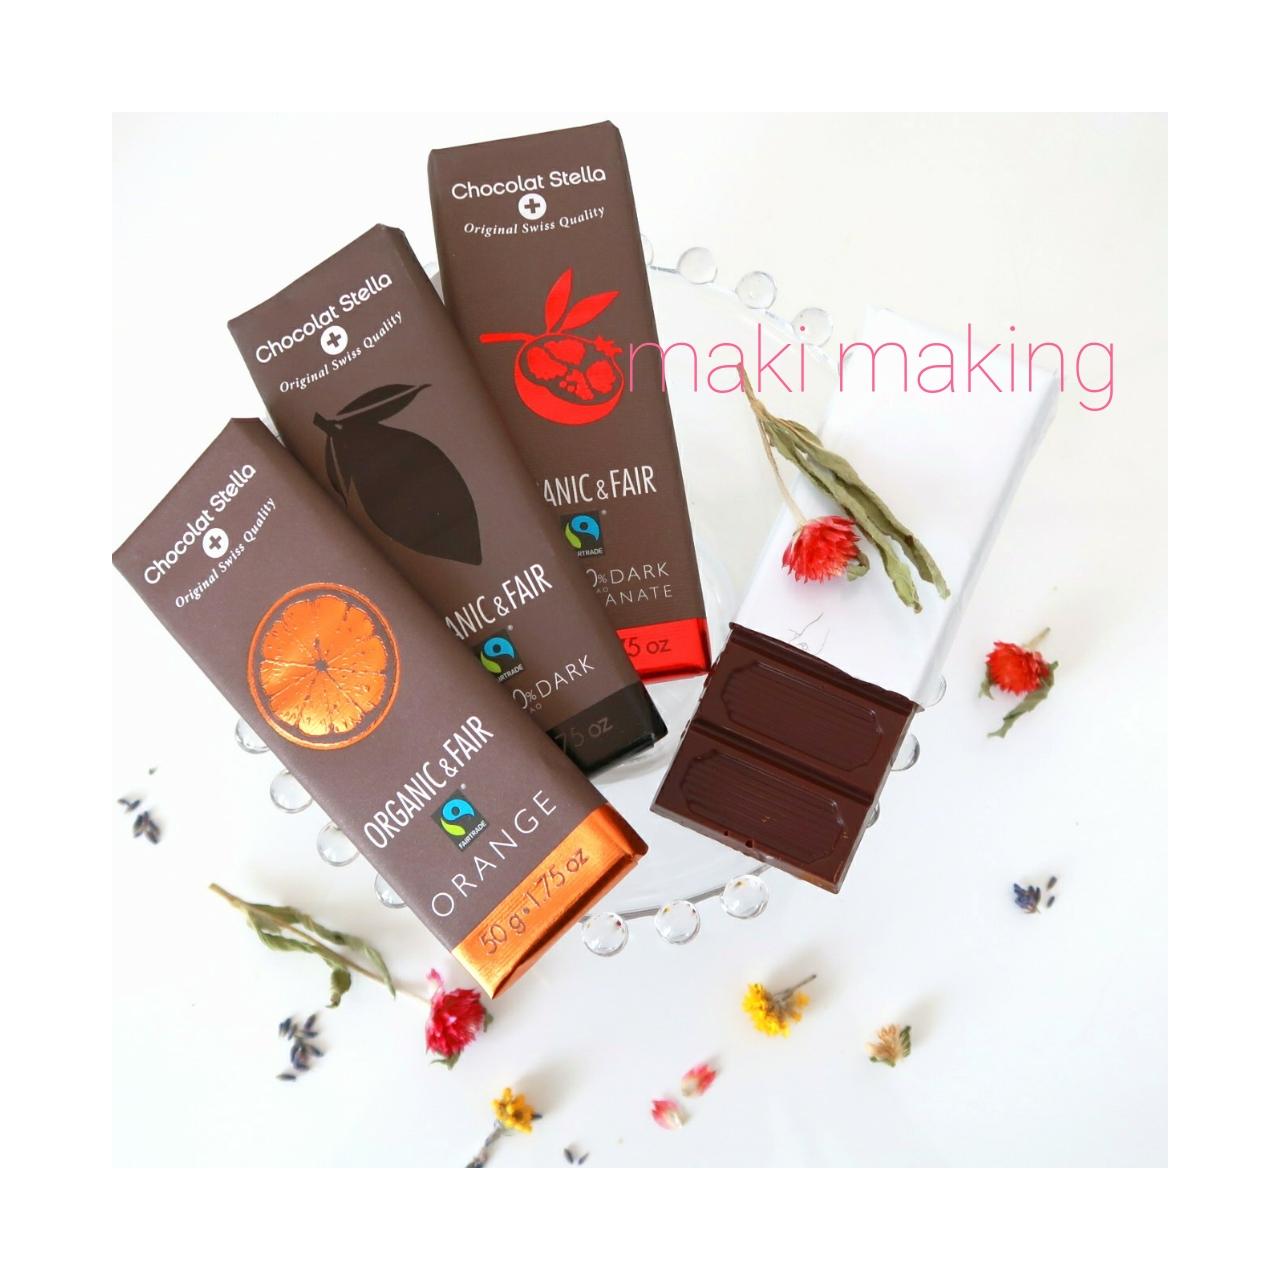 せっかくなら、チョコレートも体に優しい素材のものを